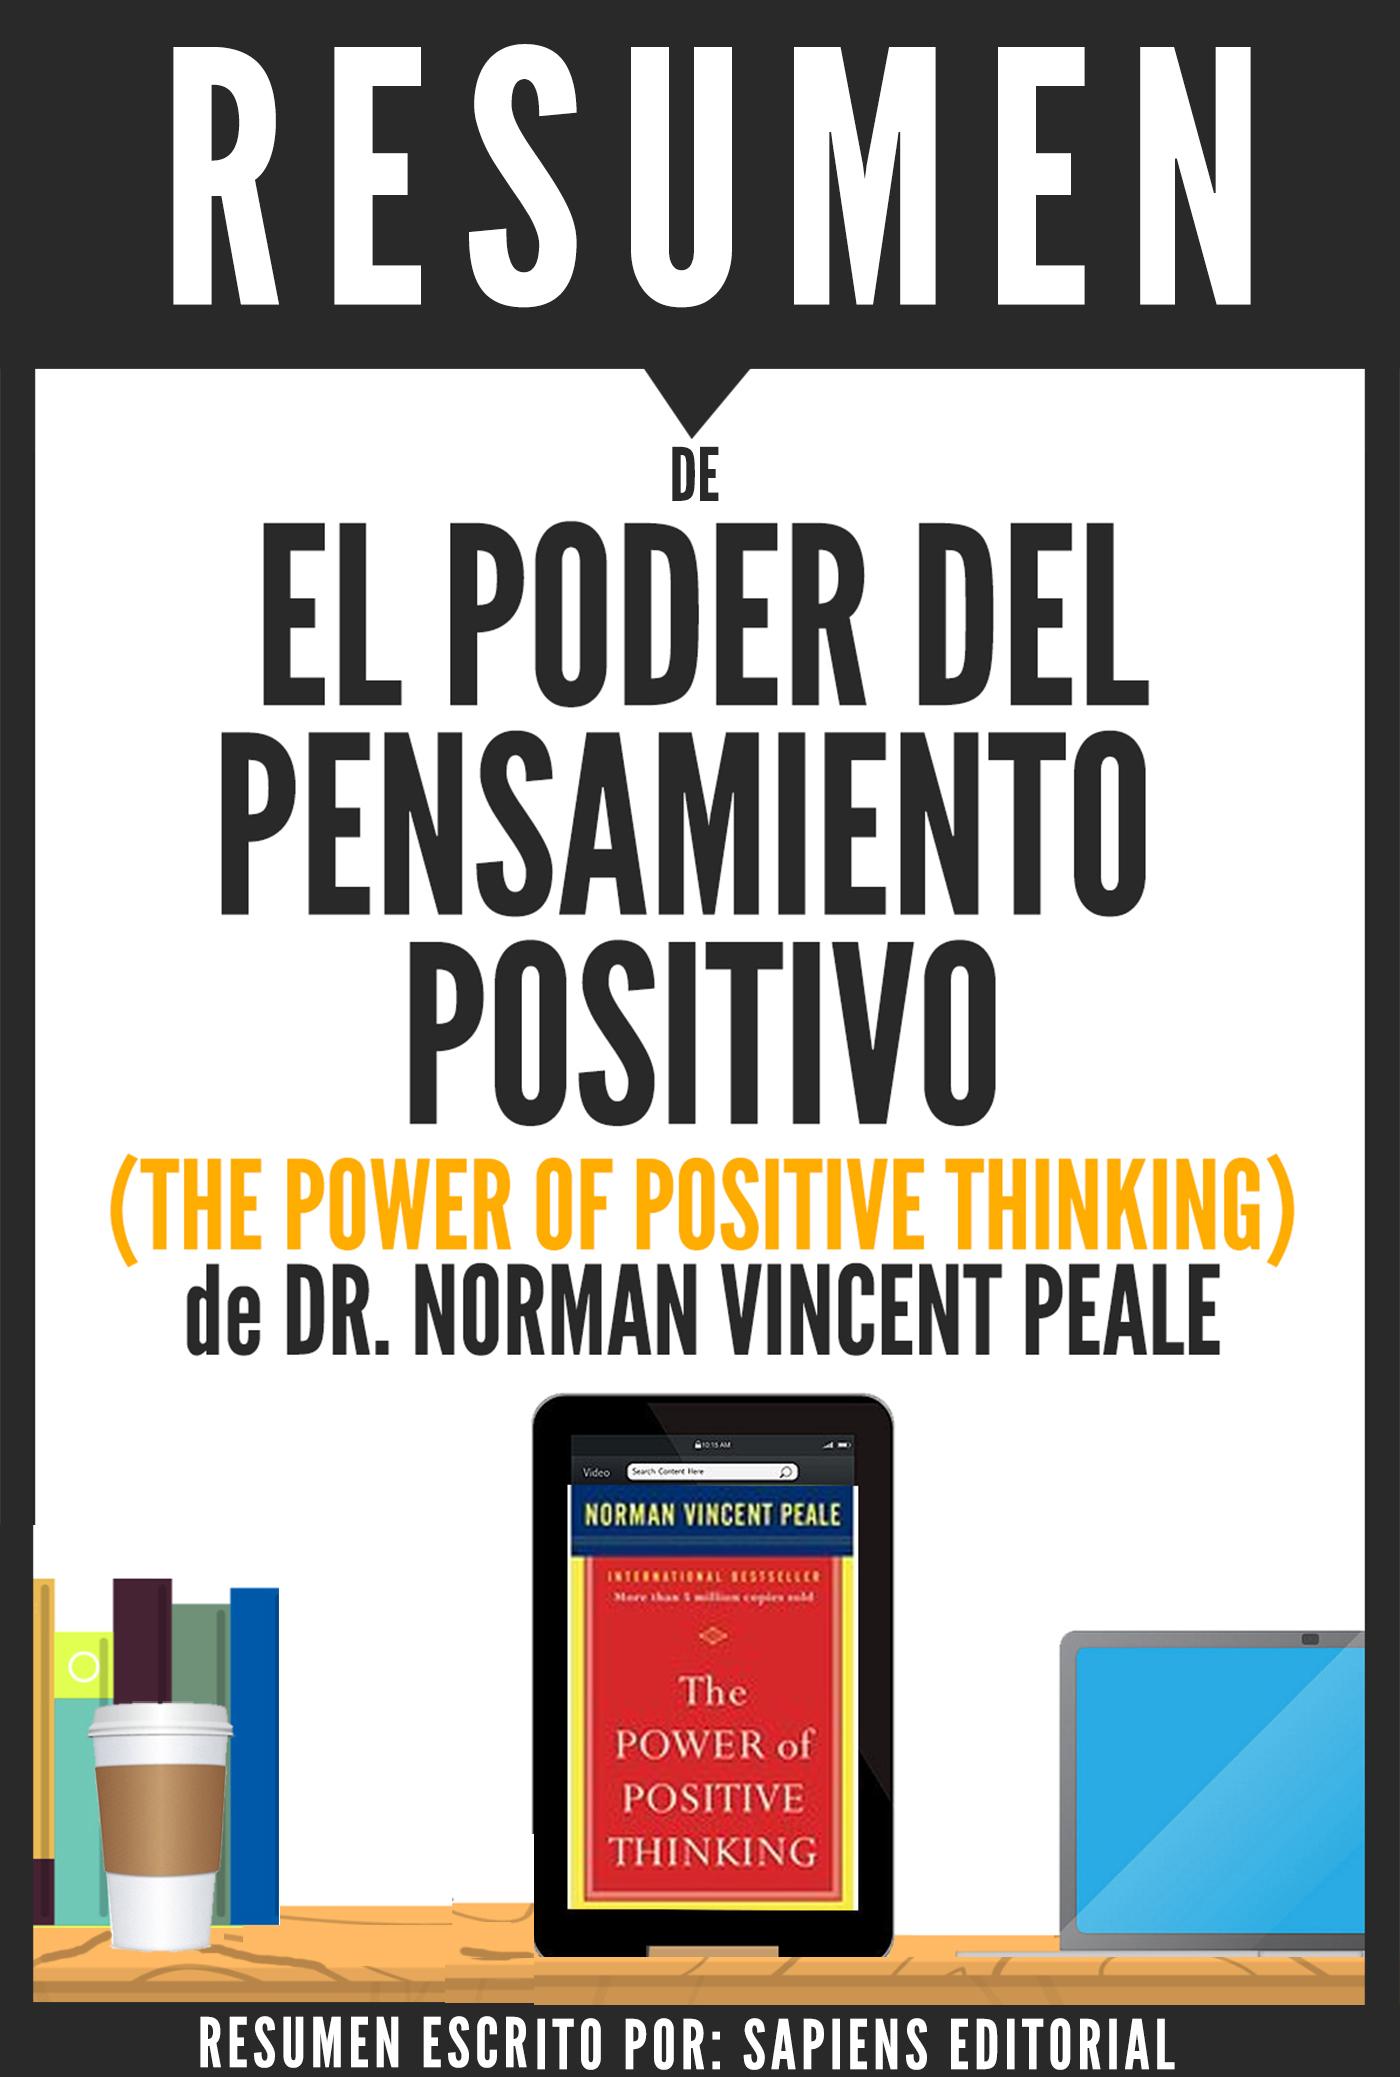 El Poder del Pensamiento Positivo (The Power of Positive Thinking): Resumen del Libro de Norman Vincent Peale